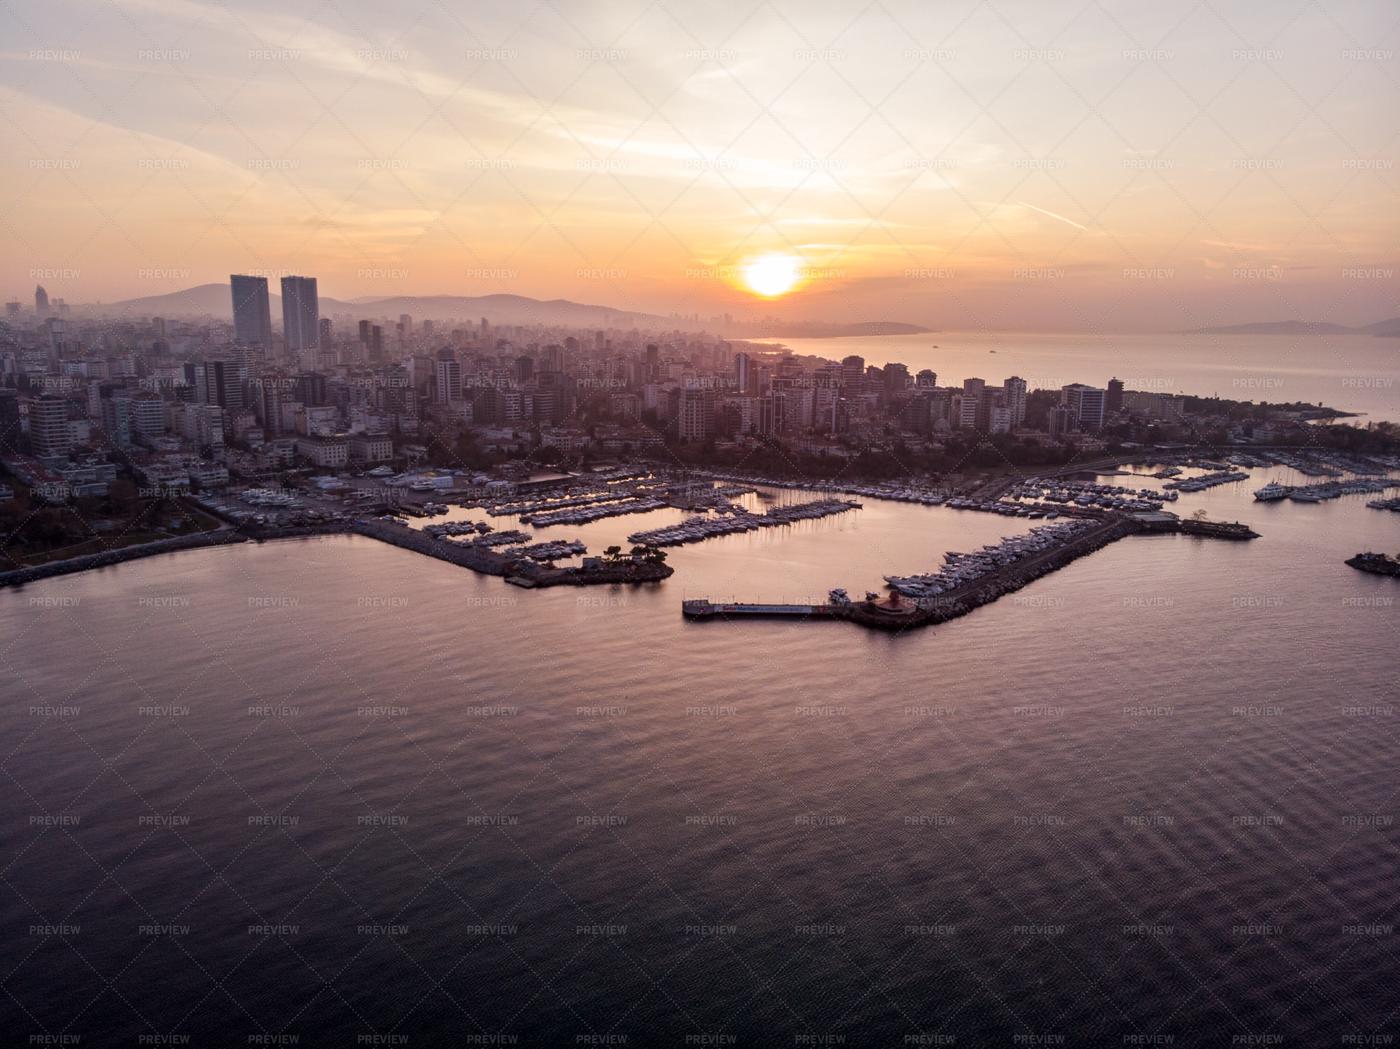 City And Marina Sunset: Stock Photos